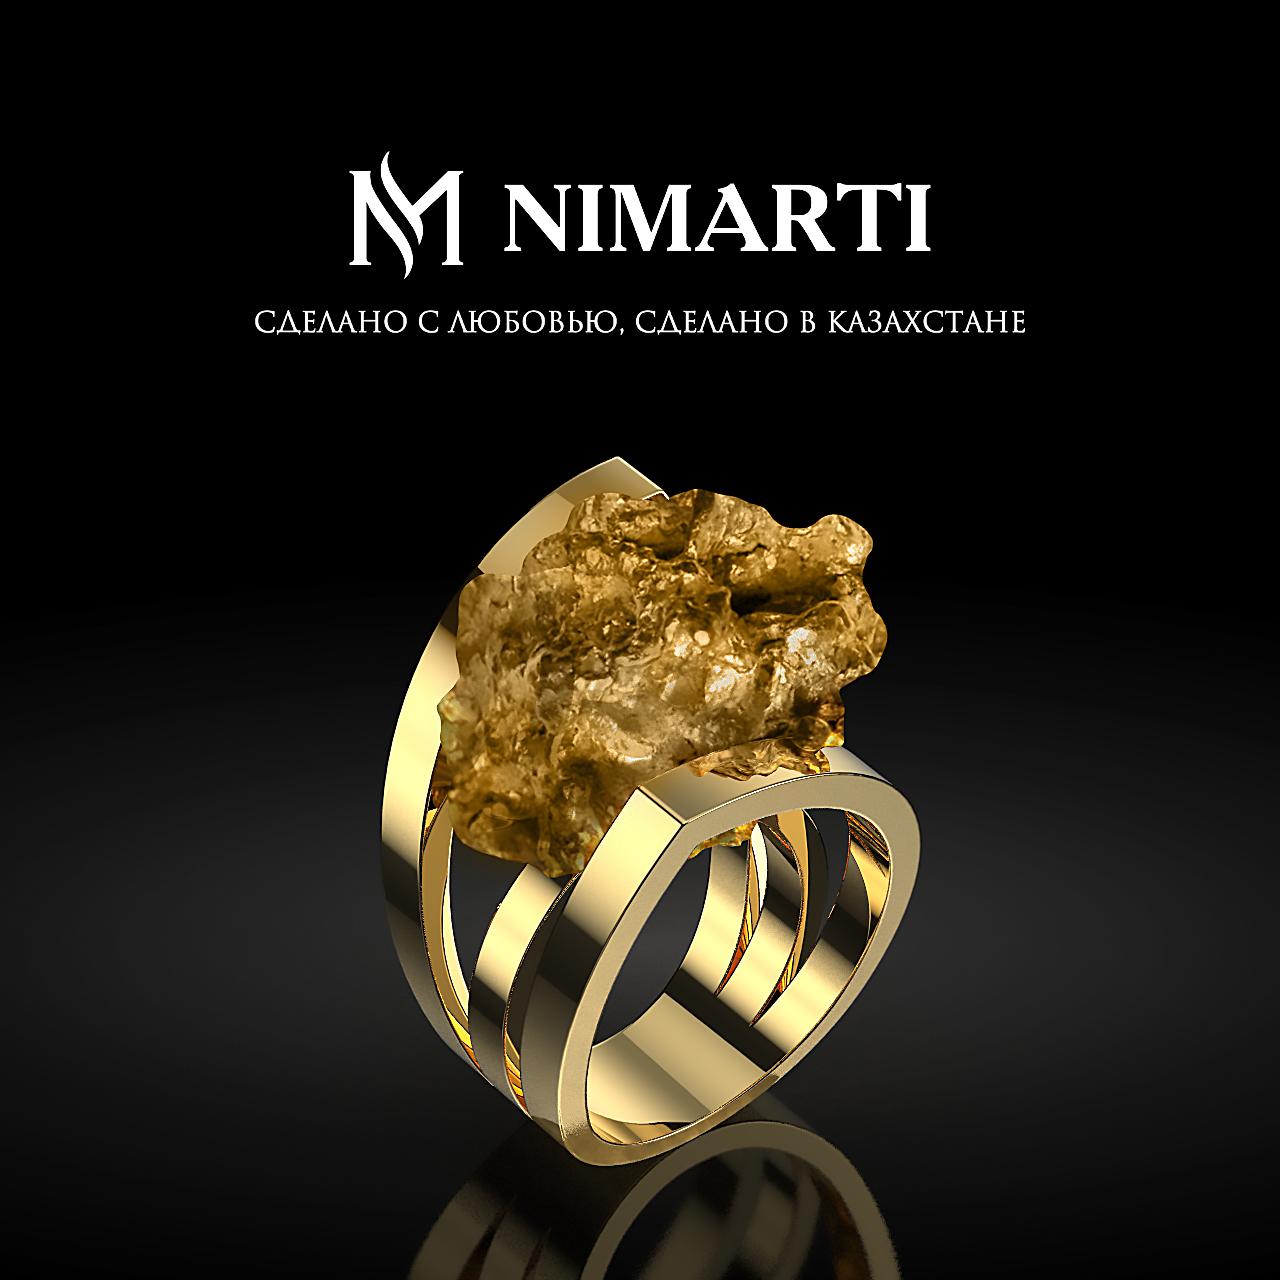 Кольцо с самородком из золота